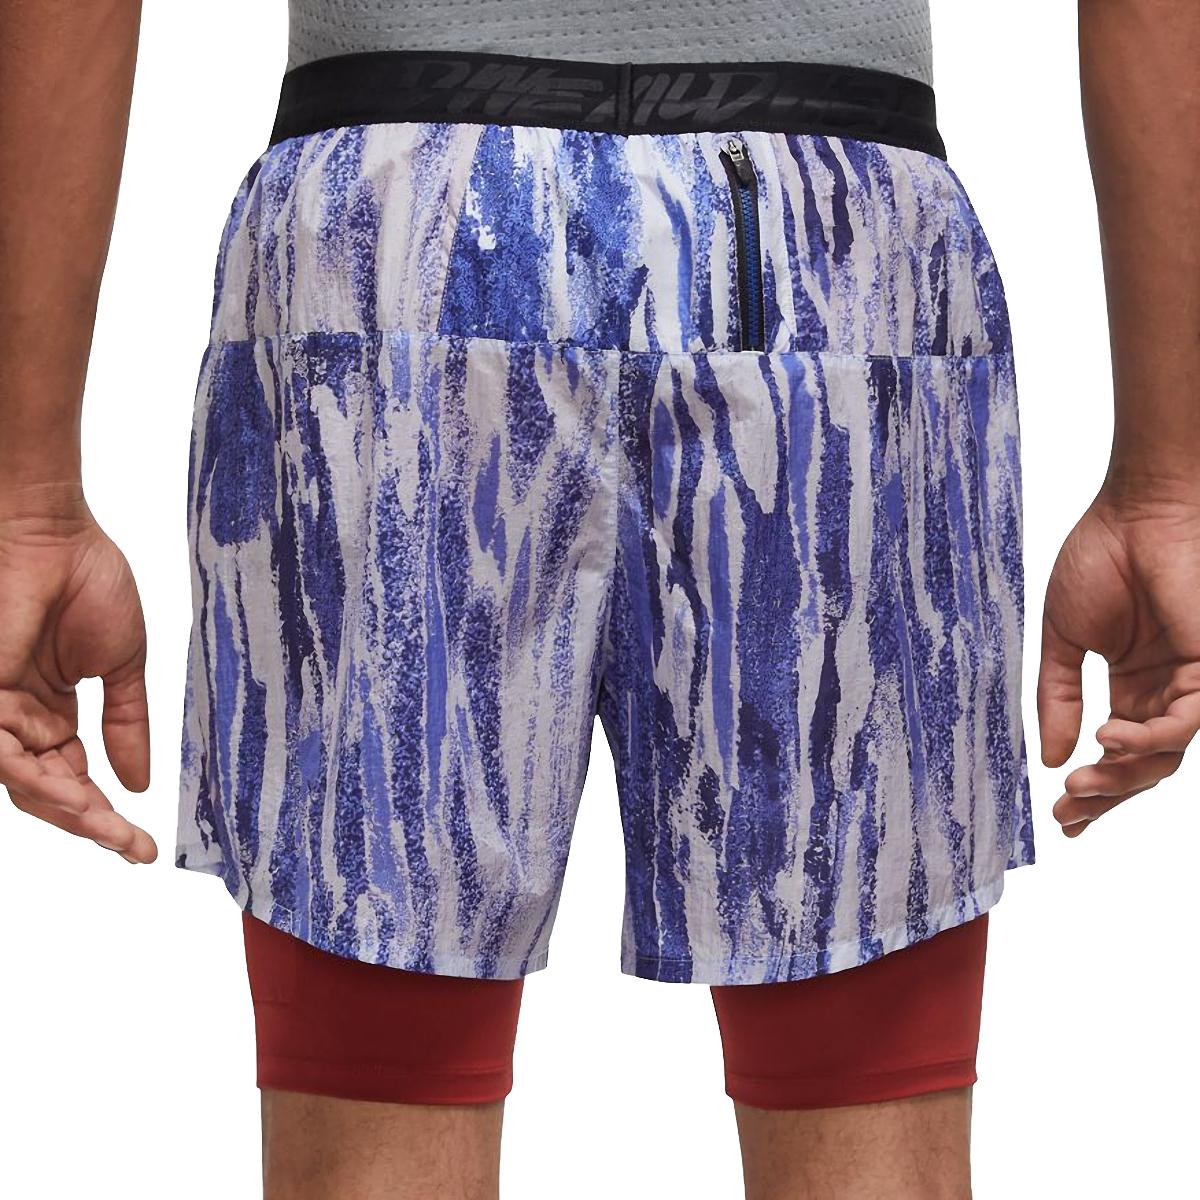 """Men's Nike Flex Stride Wild Run 2-in-1 5"""" Running Shorts - Color: Ghost/Dark Cayenne - Size: S, Ghost/Dark Cayenne, large, image 2"""